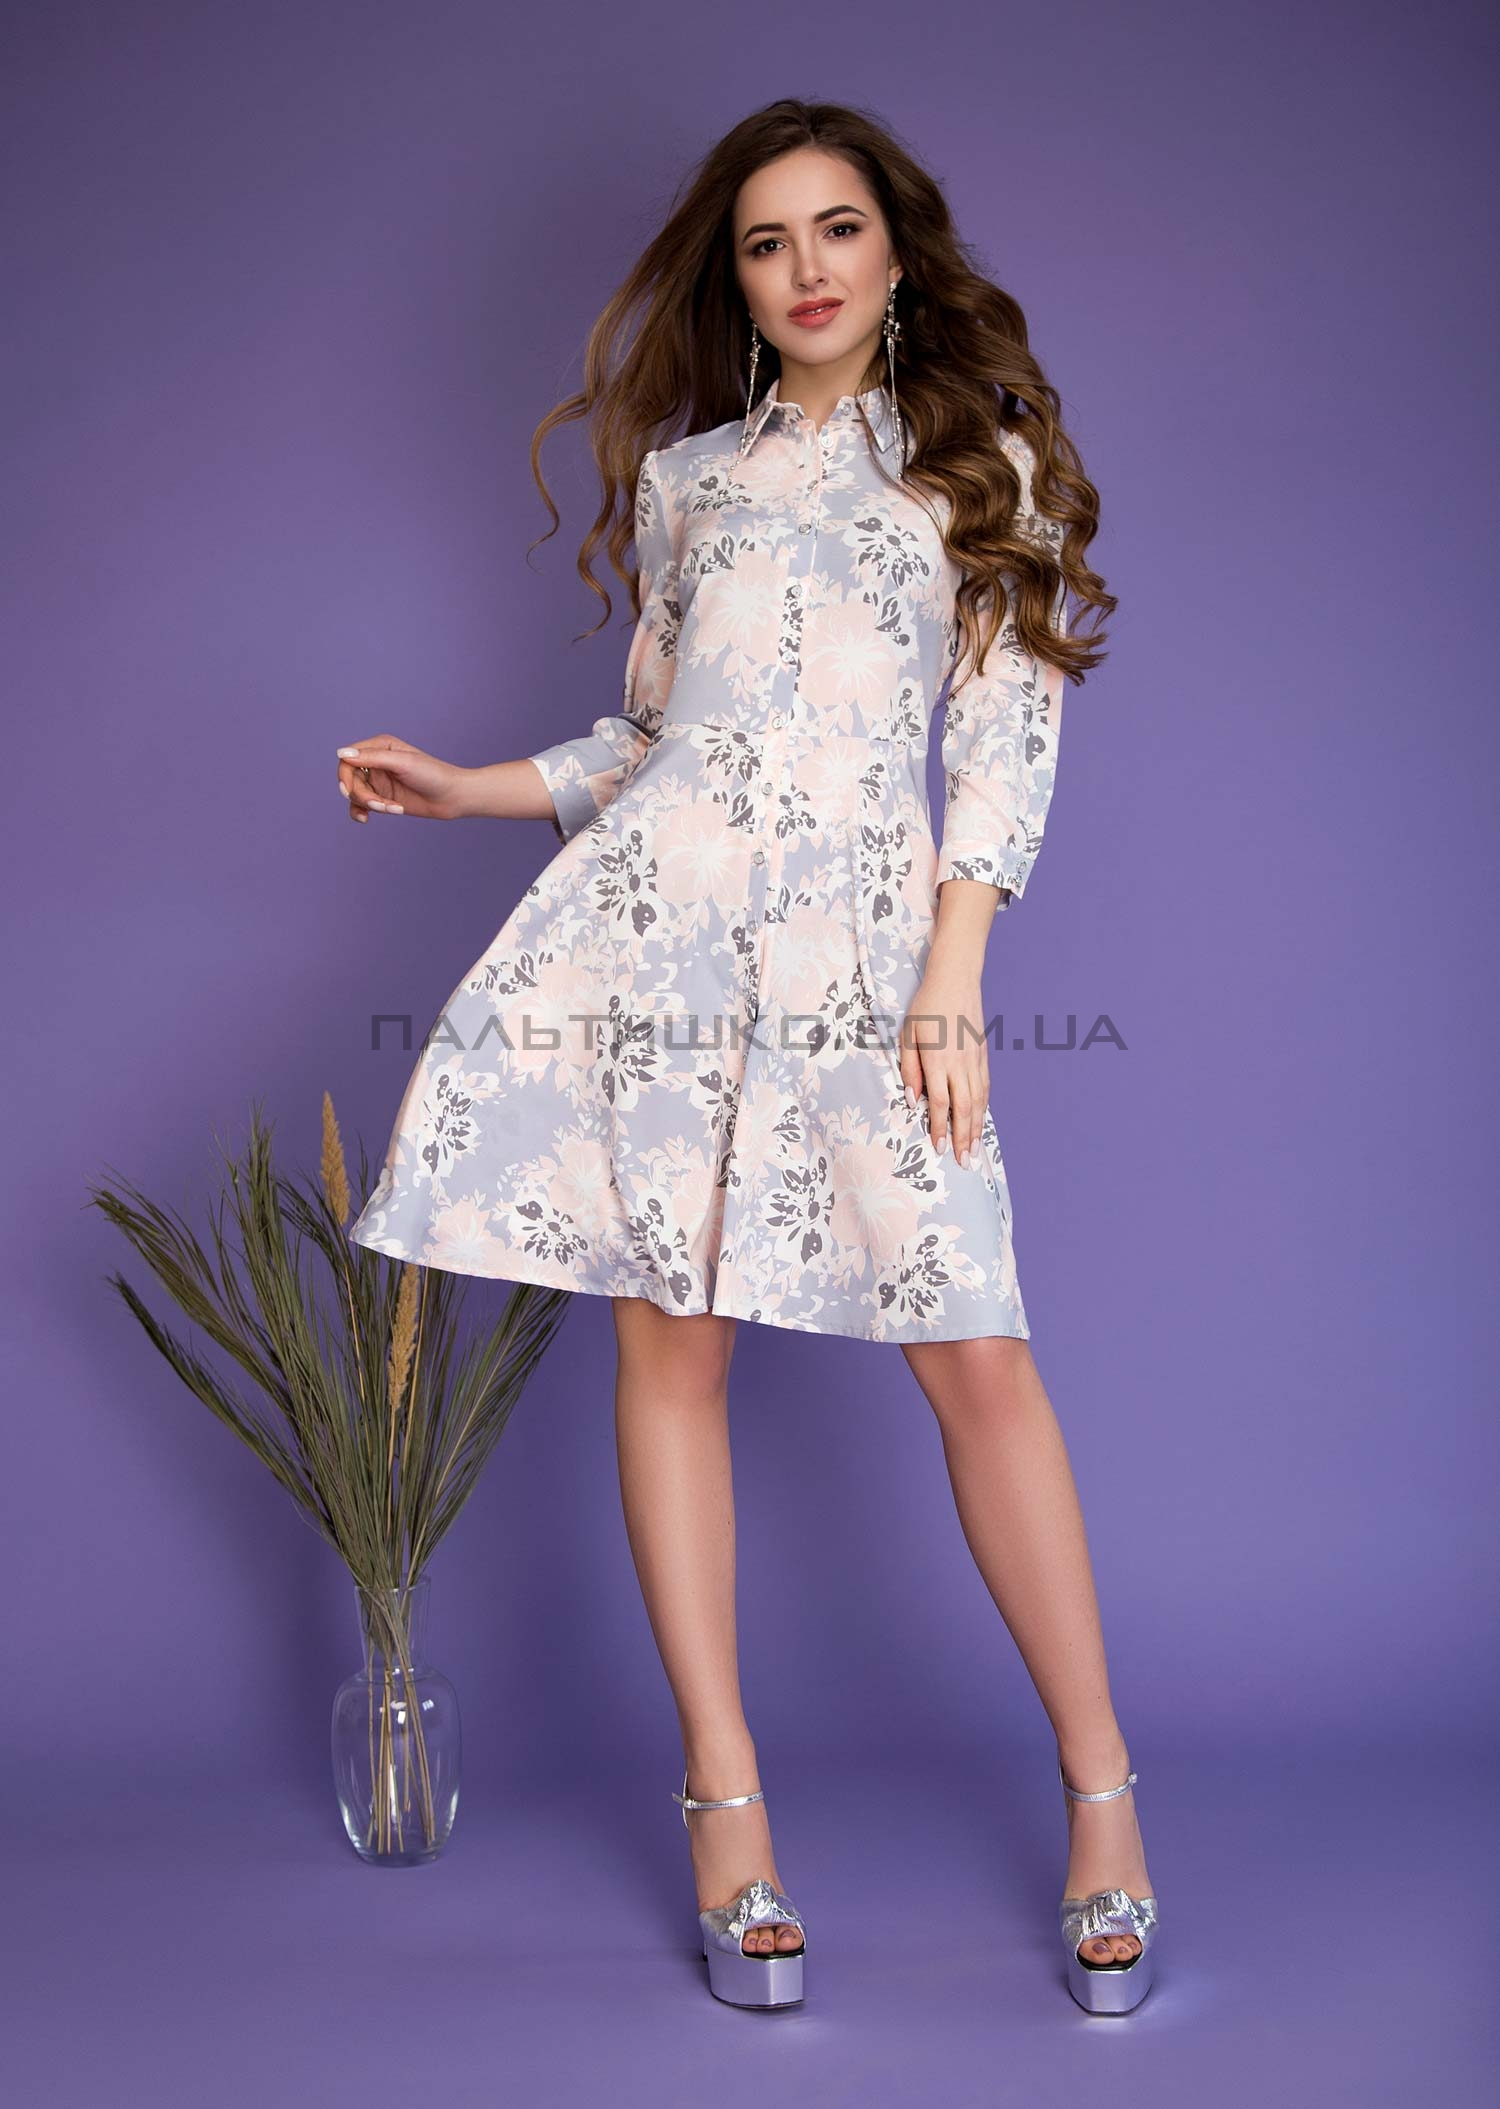 Платье с серо-розовым принтом